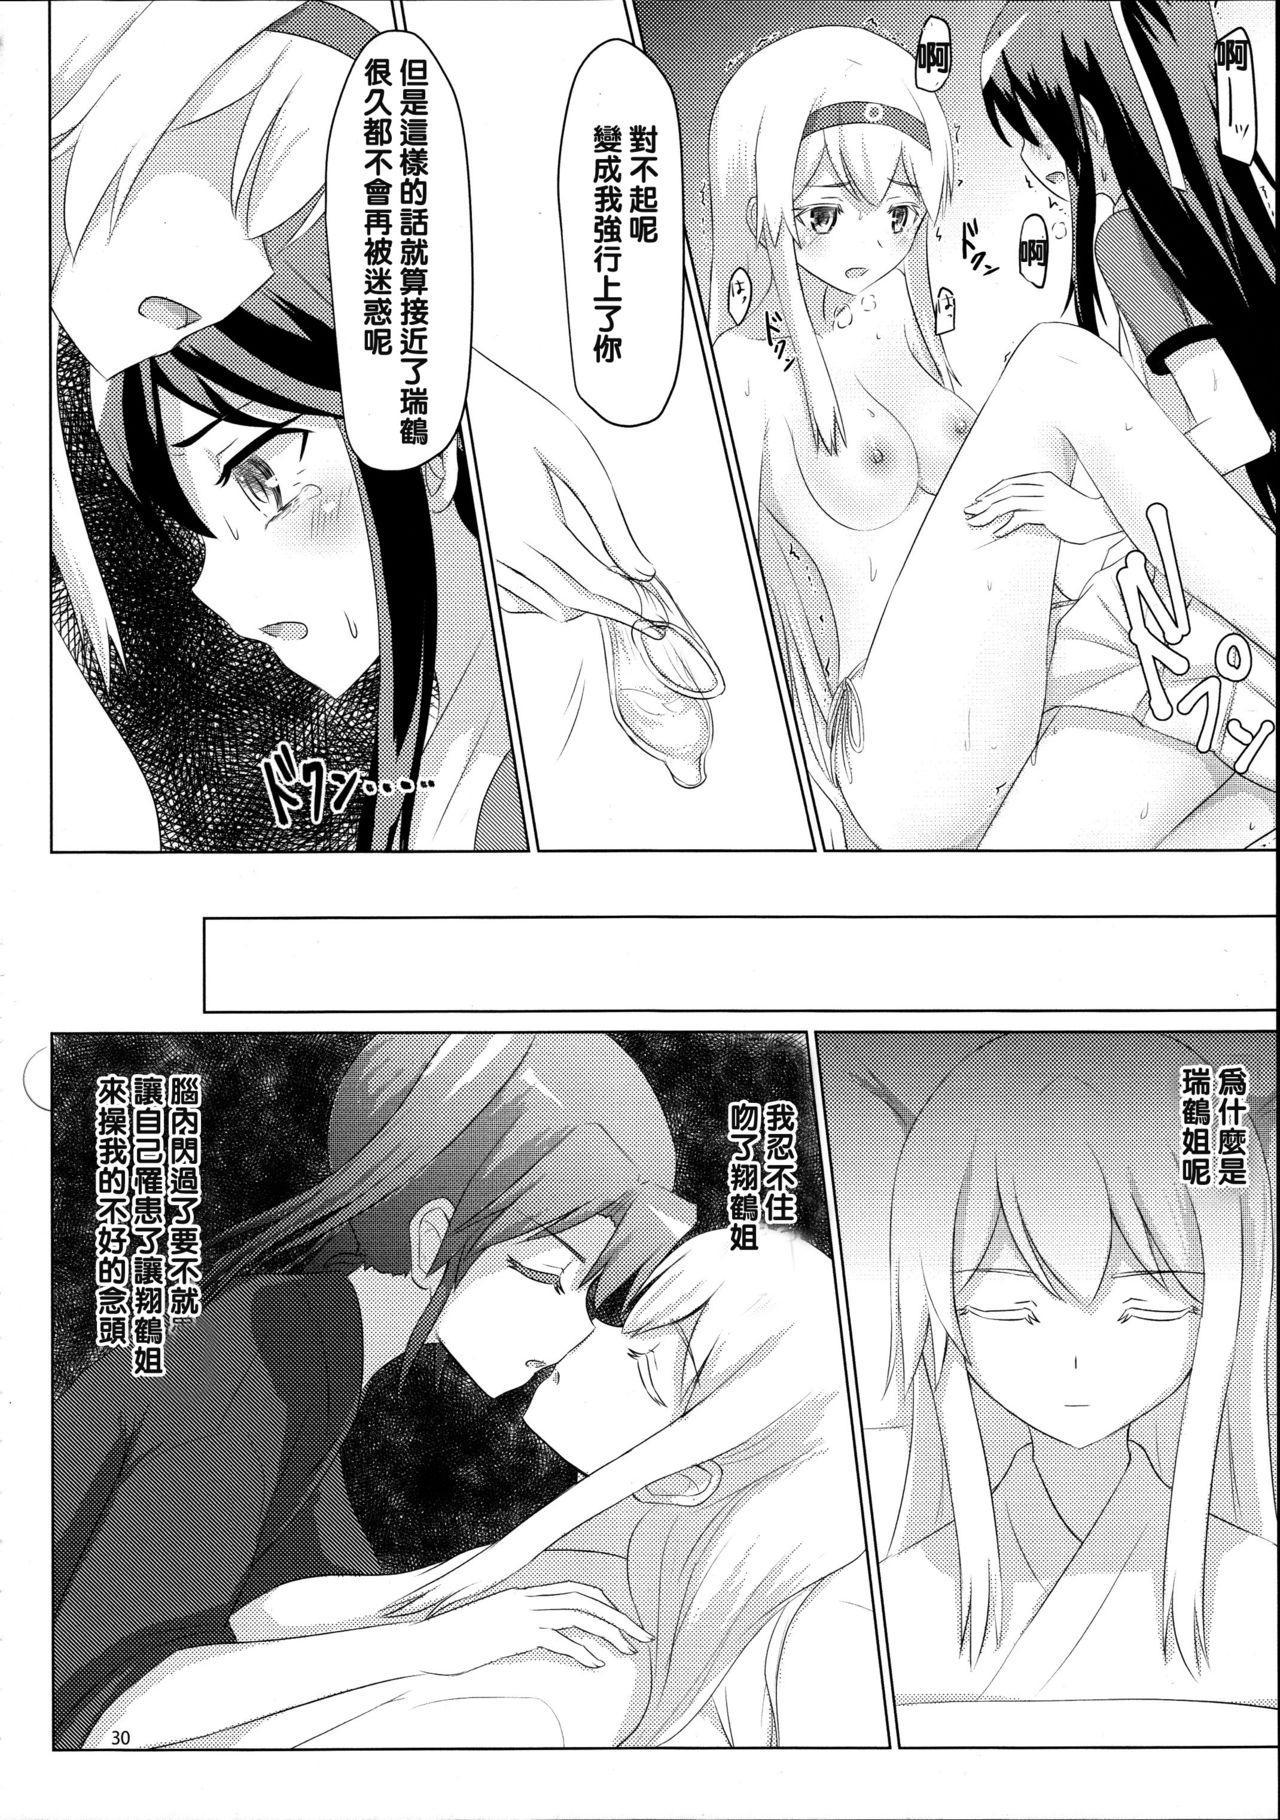 Shoukaku-nee ga Kanmusu o Ian suru Hanashi 29